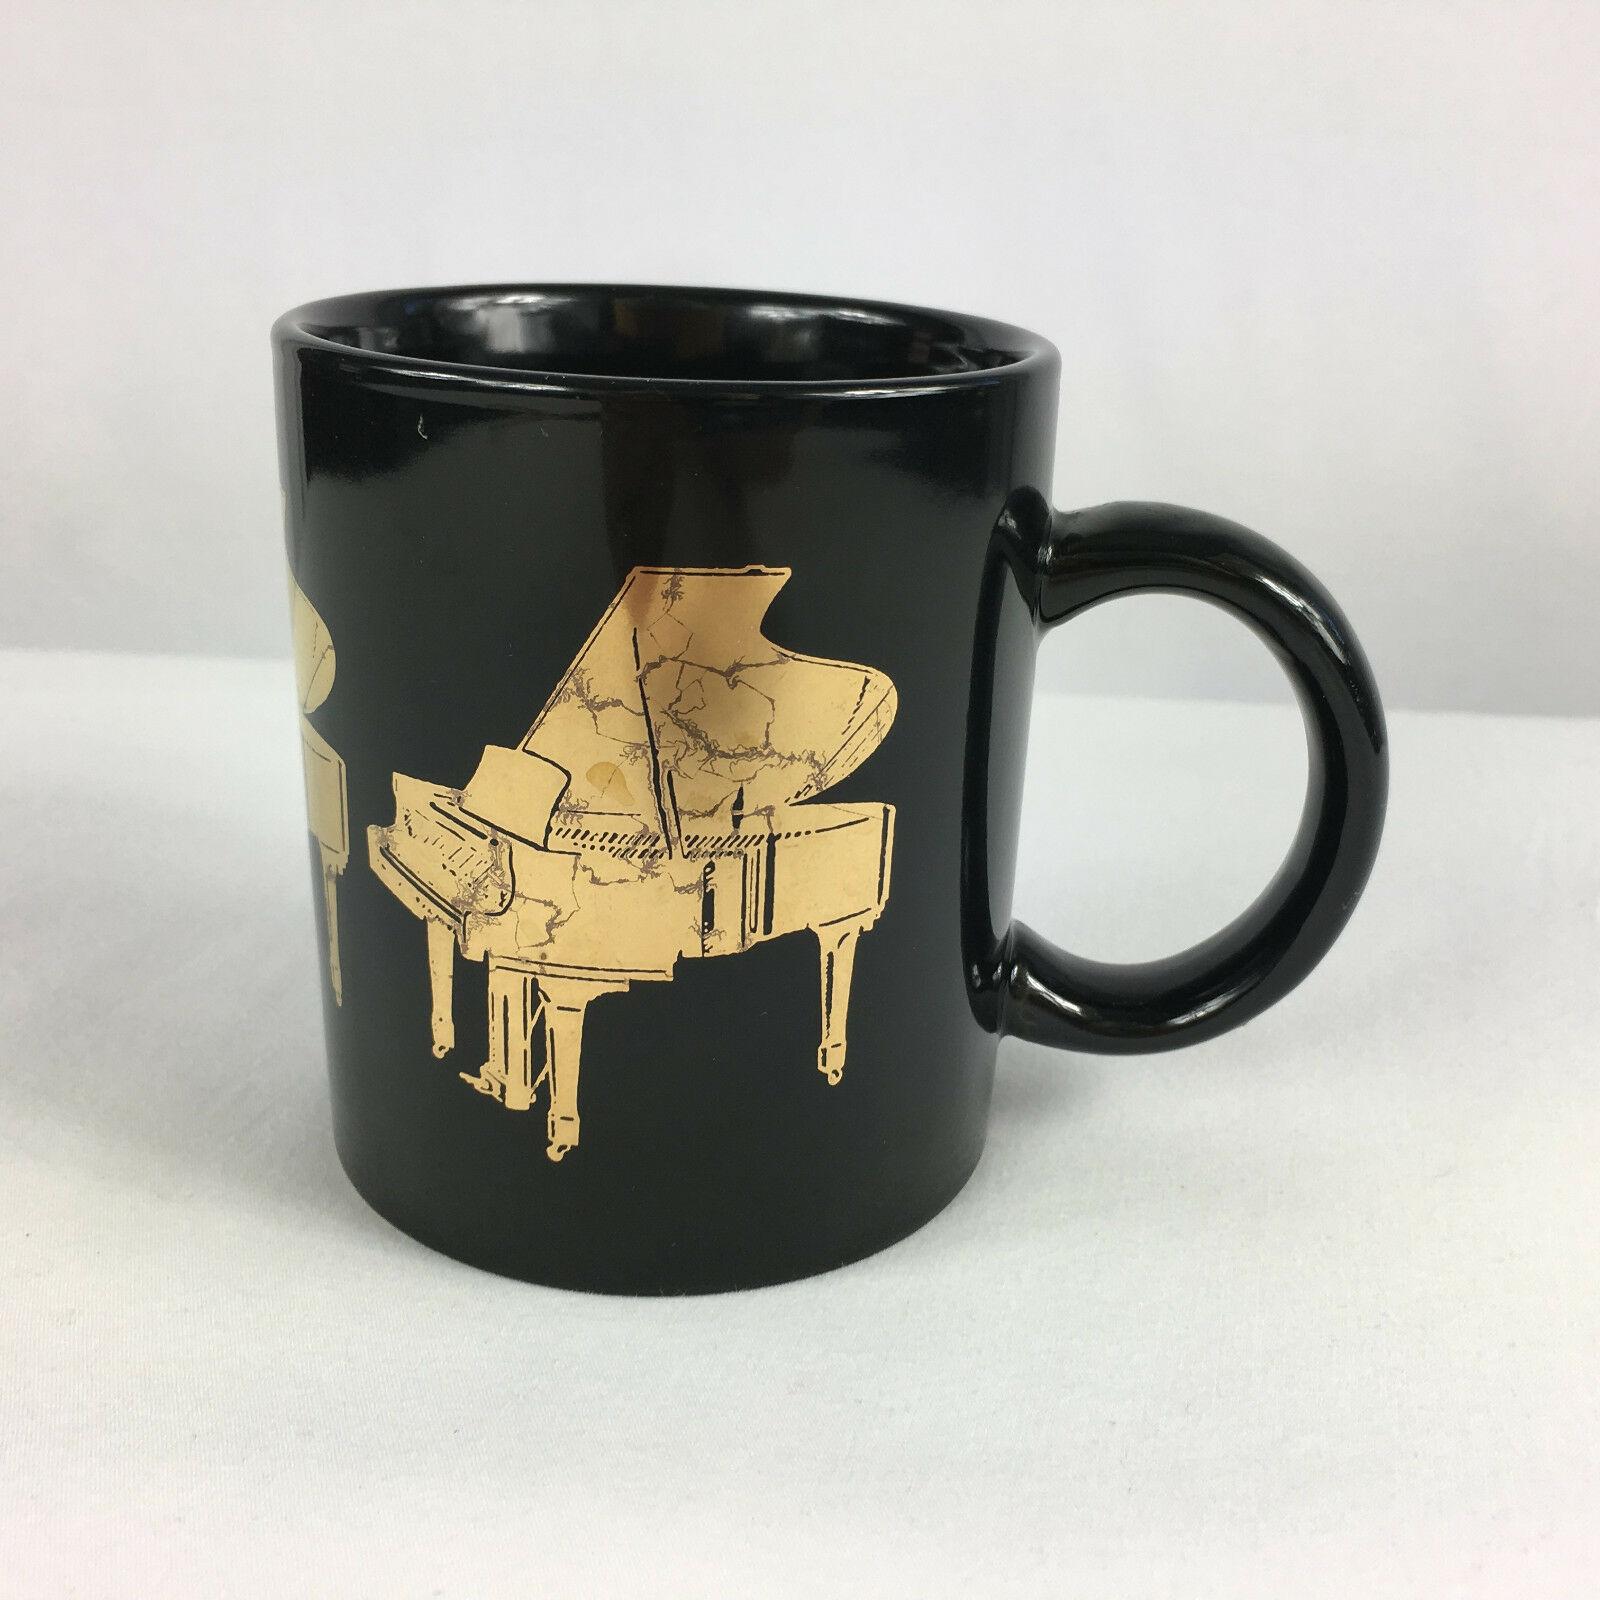 Piano Coffee Mug Albert Elovitz 1987 Gold Metallic - $14.84